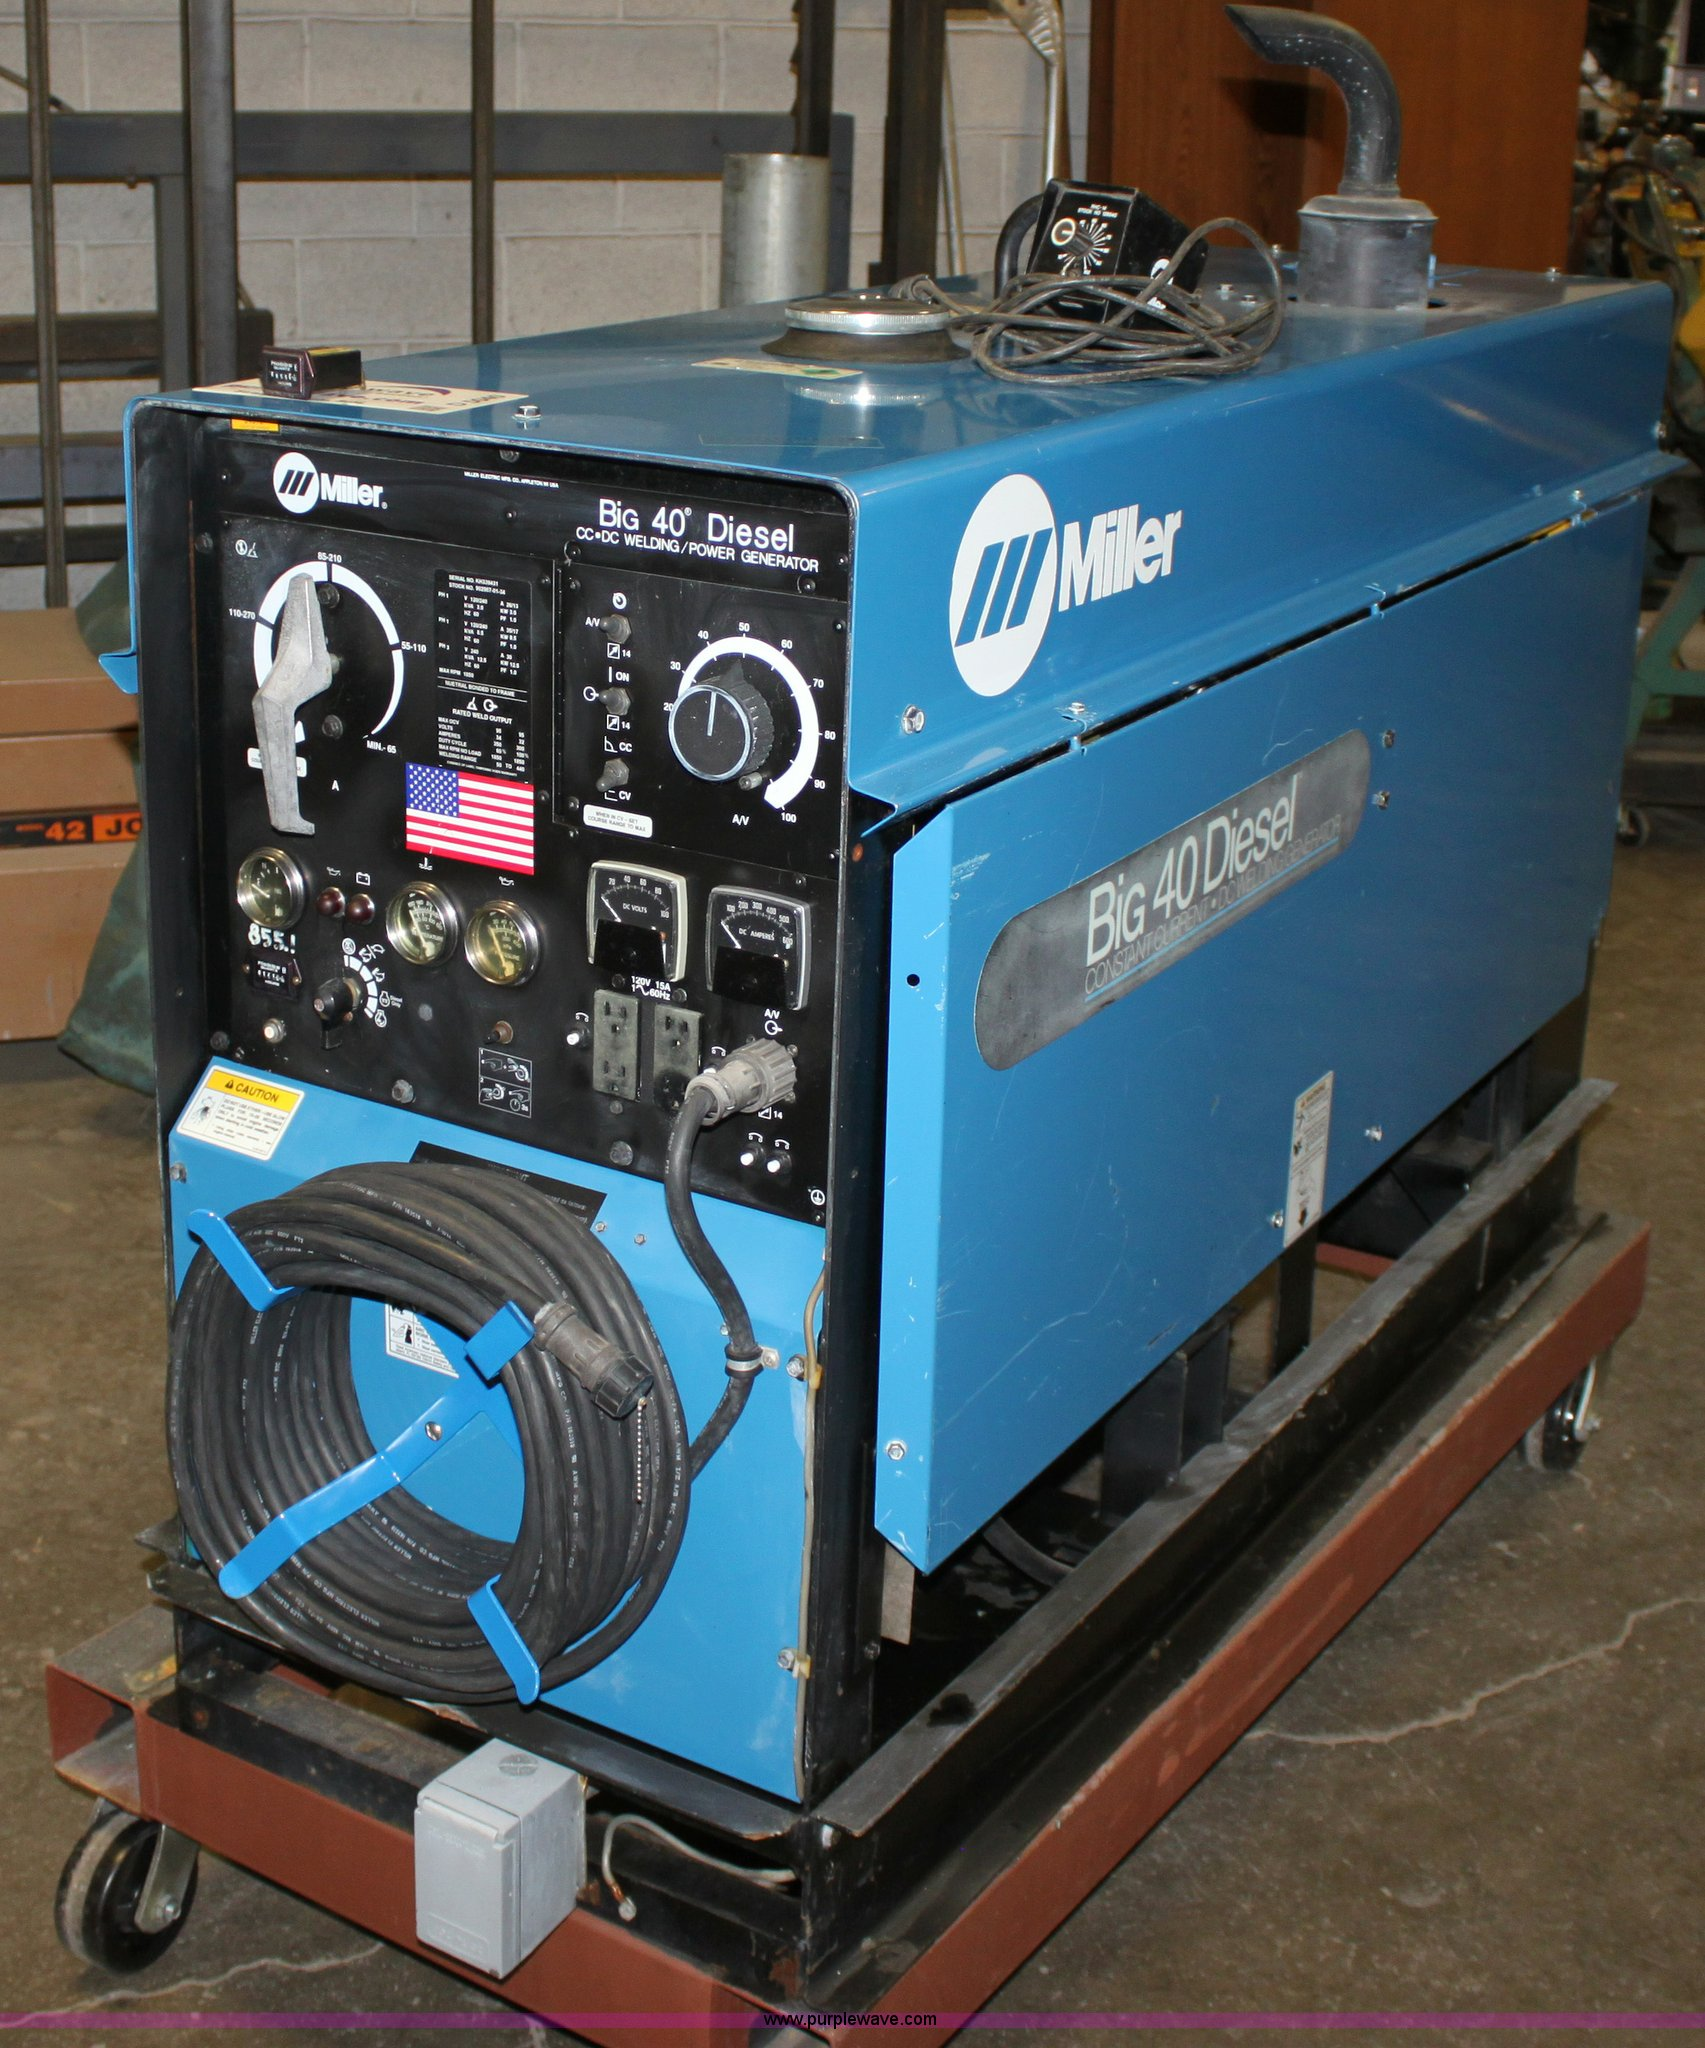 Miller Big 40 Diesel Constant Current DC Welder/generator